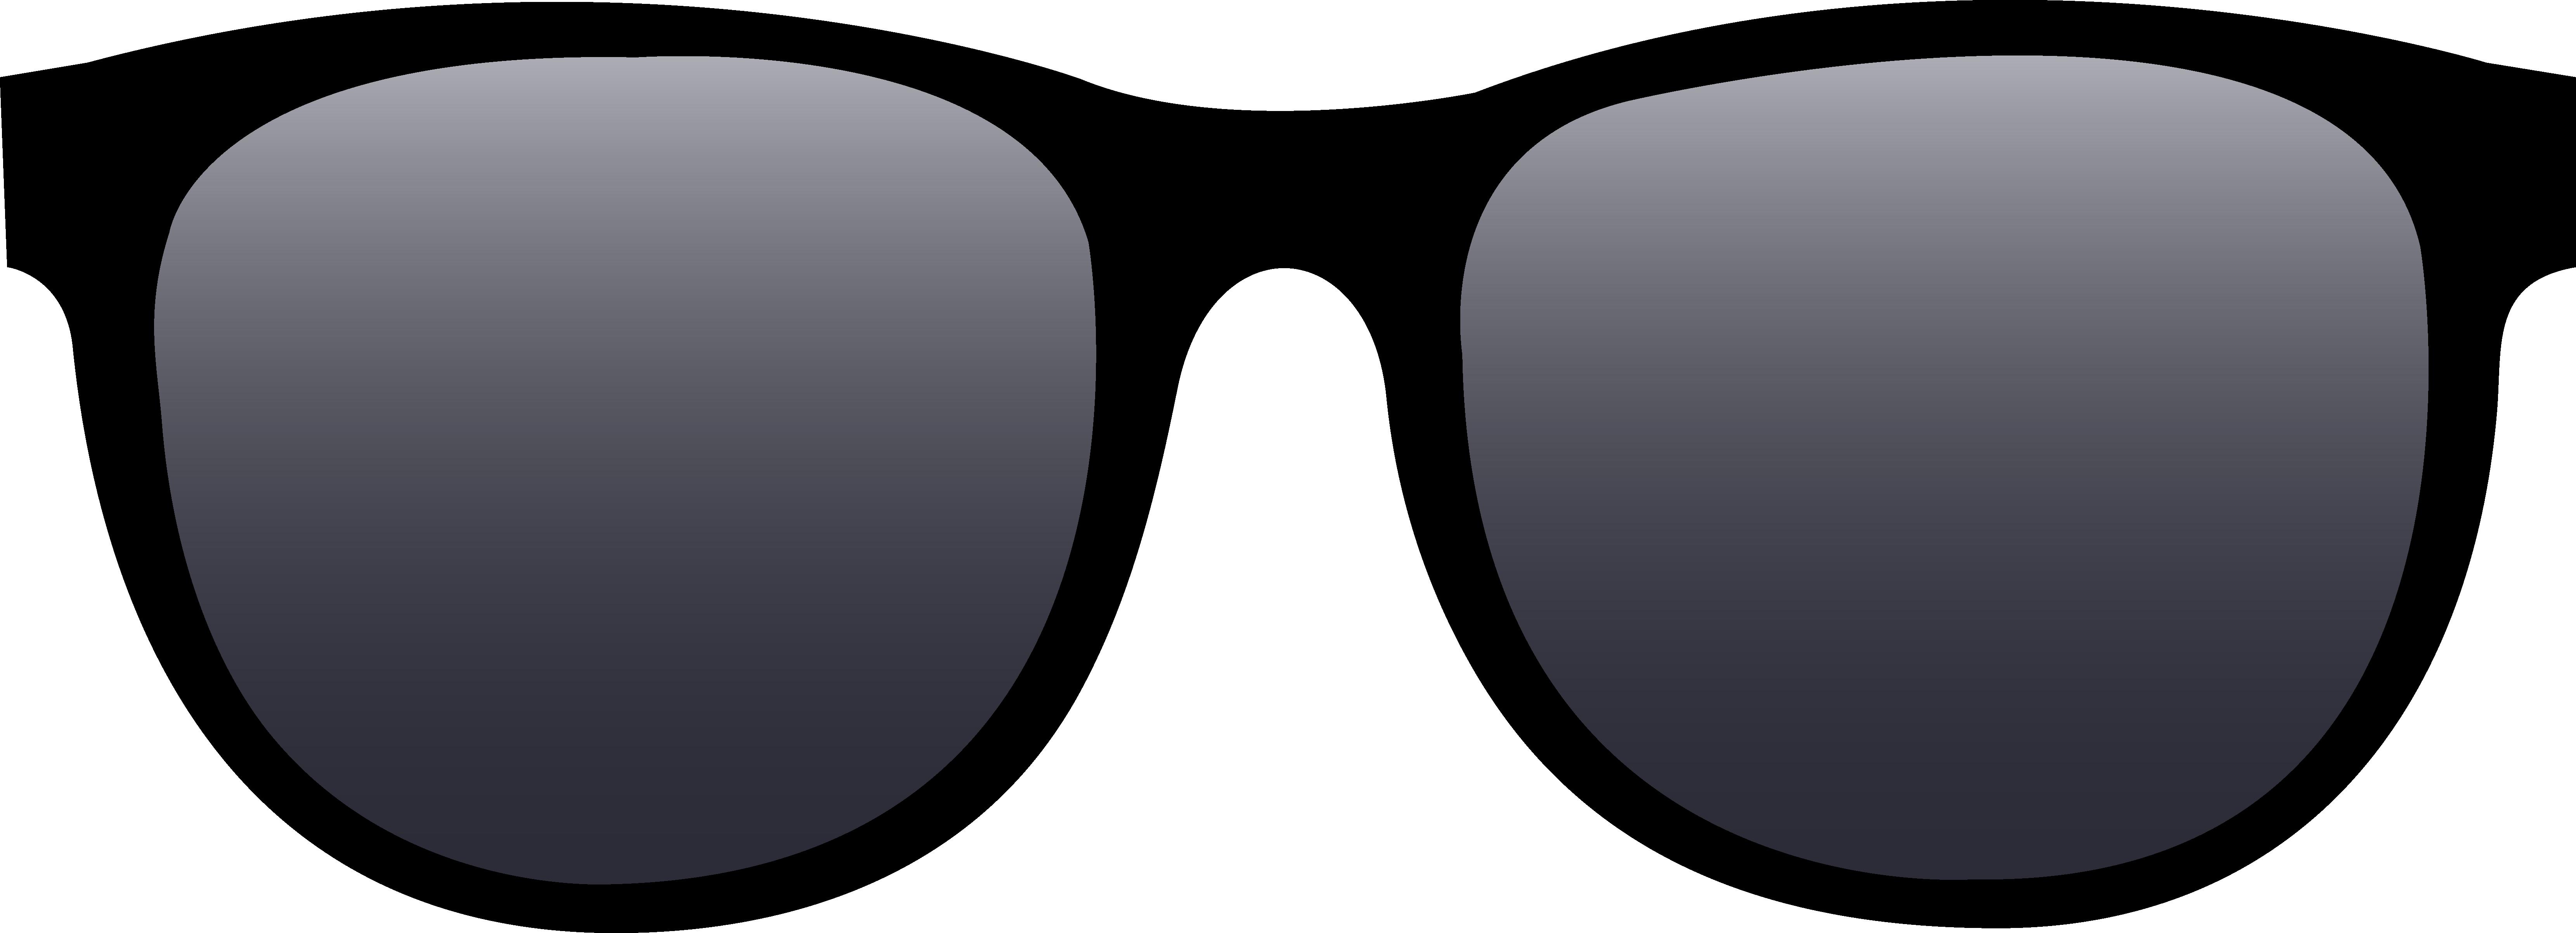 Best Glasses Clip Art #16352.